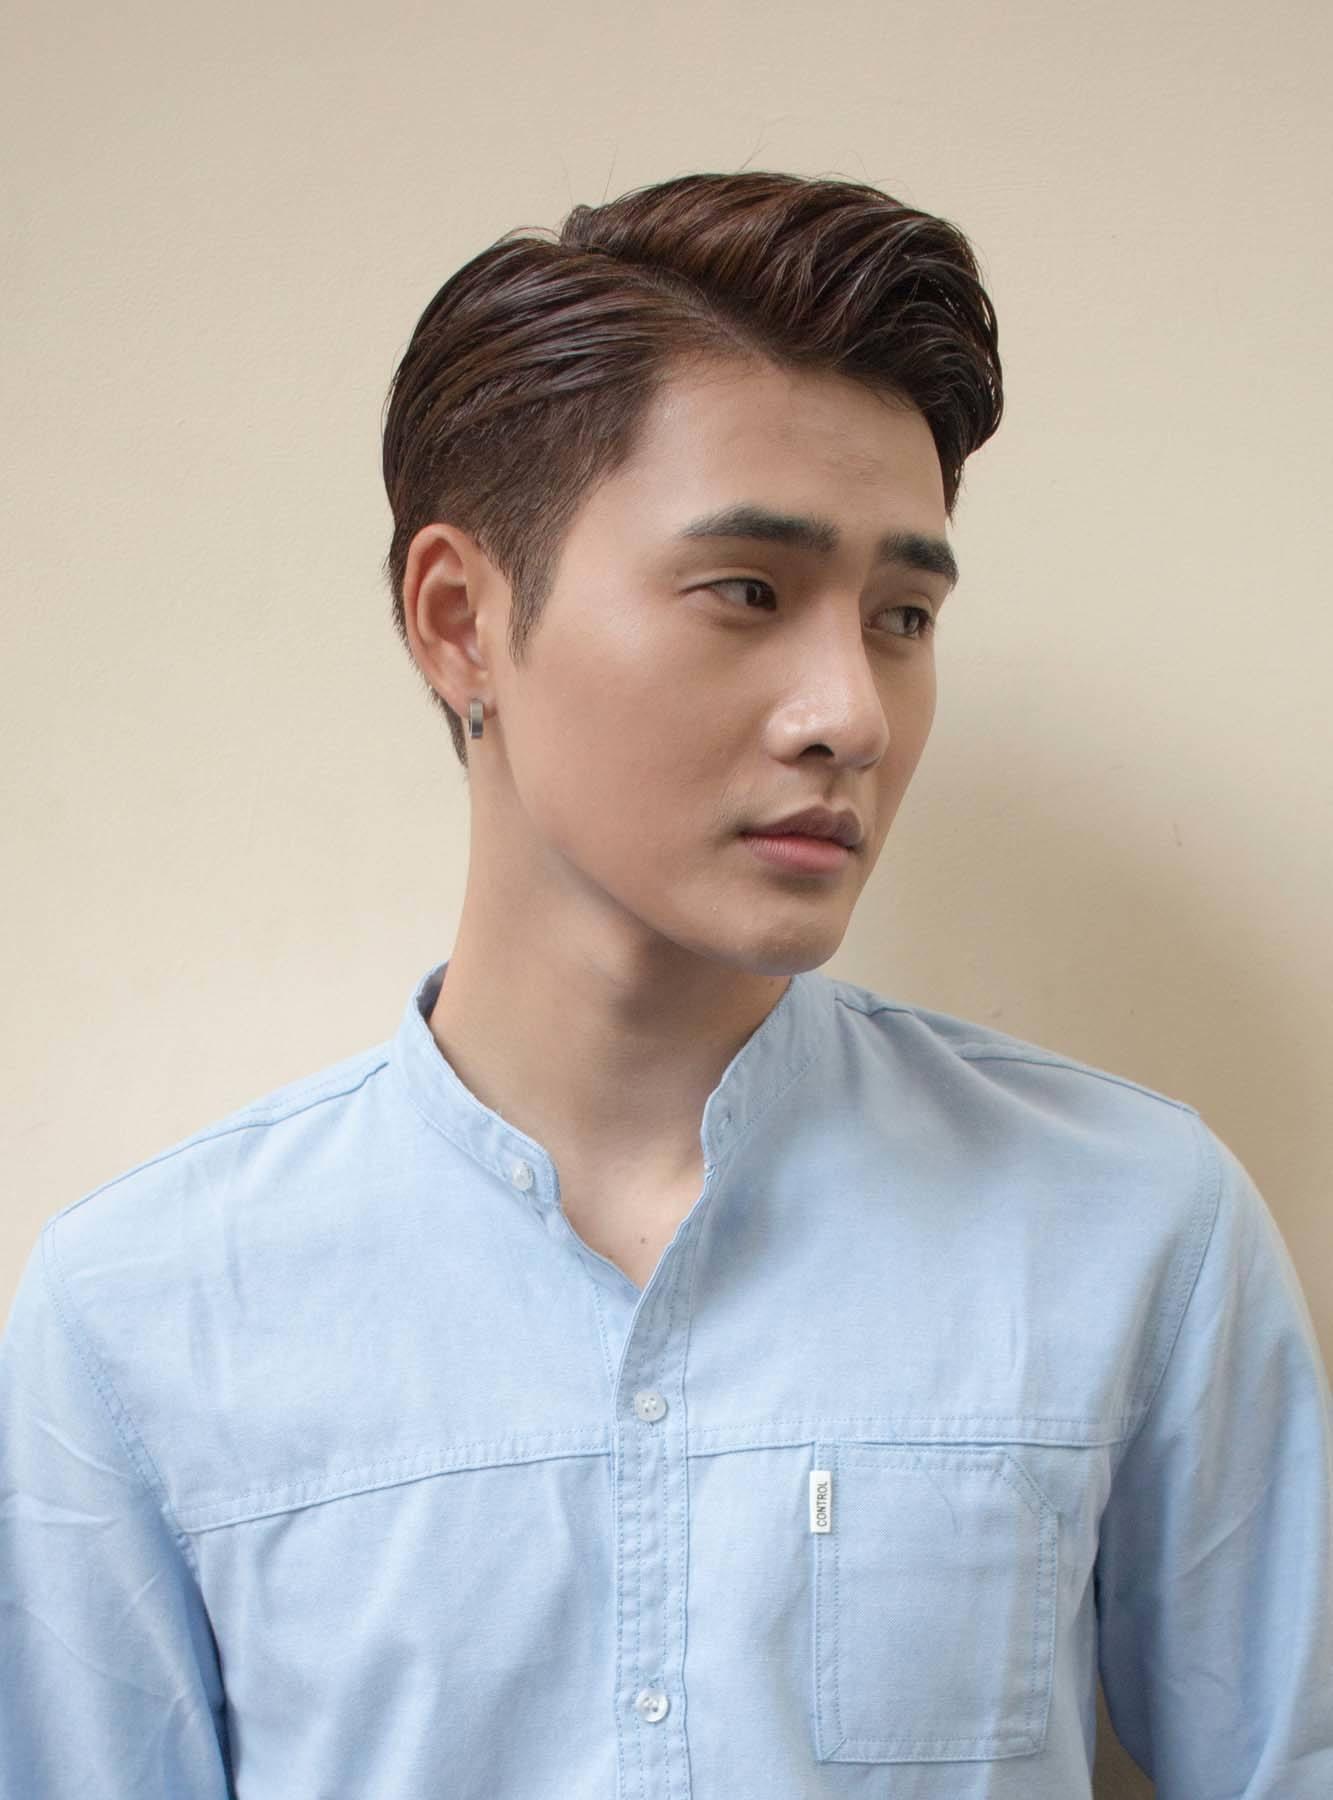 ผู้ชายเอเชีย ไว้ผมสั้น สีน้ำตาลเข้ม ทรงผมชายวินเทจ หวีเสยข้าง